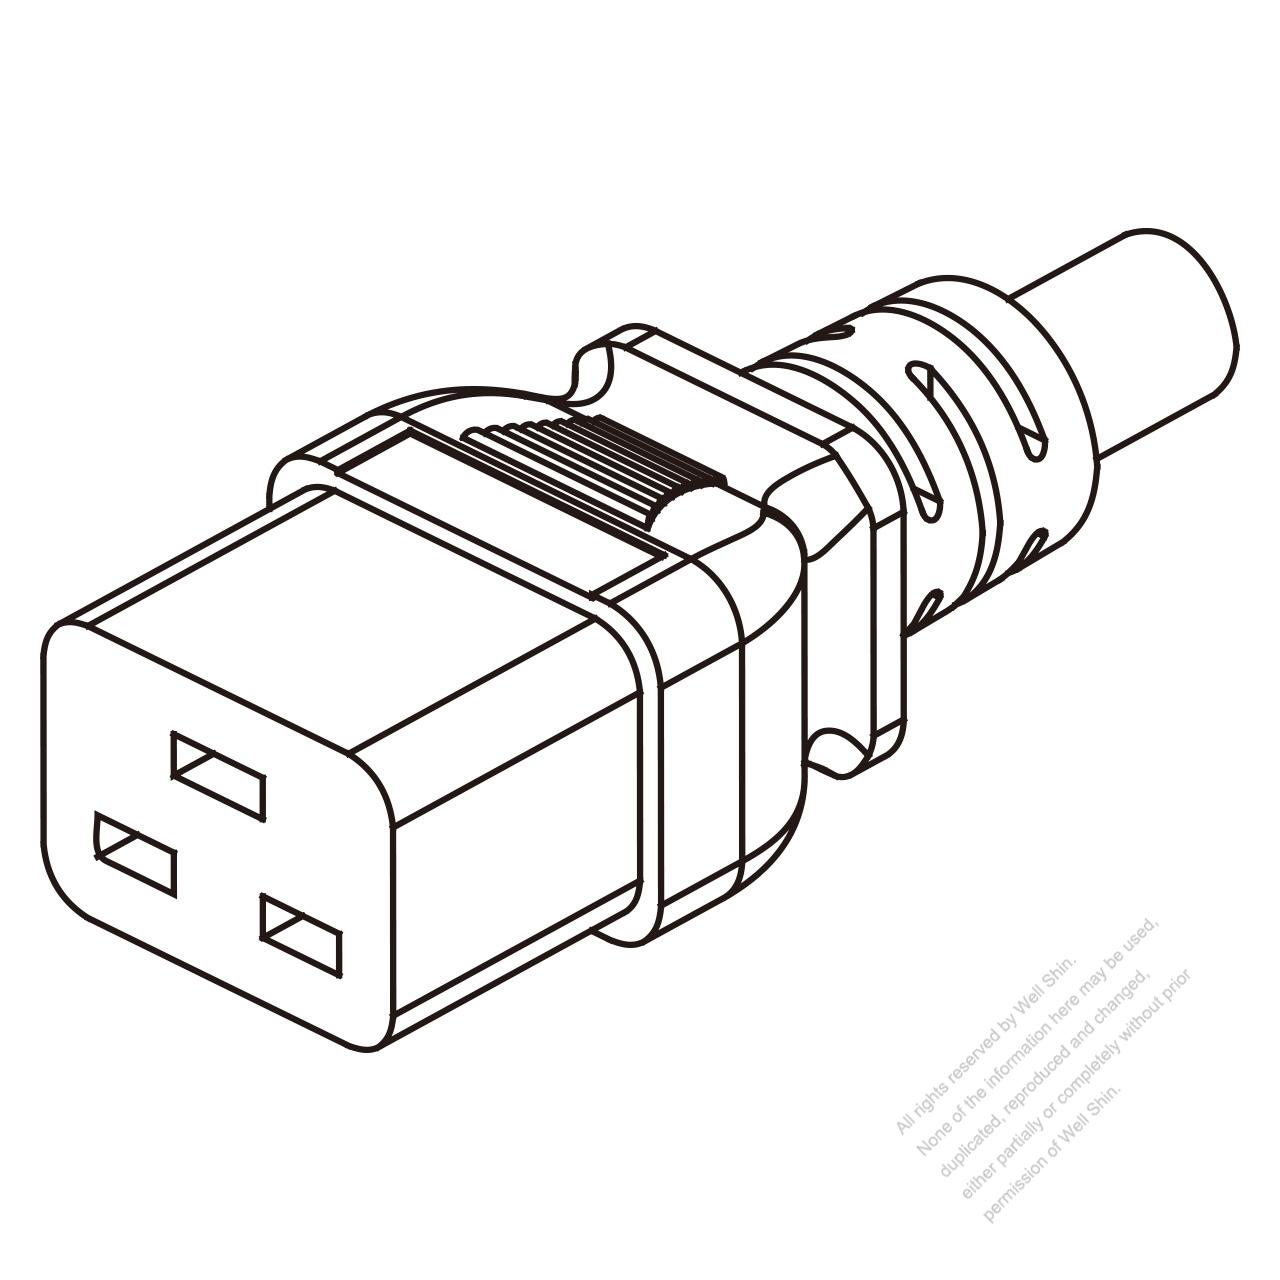 iec 320 c19 connectors 3-pin straight 16a  20a   125 250v